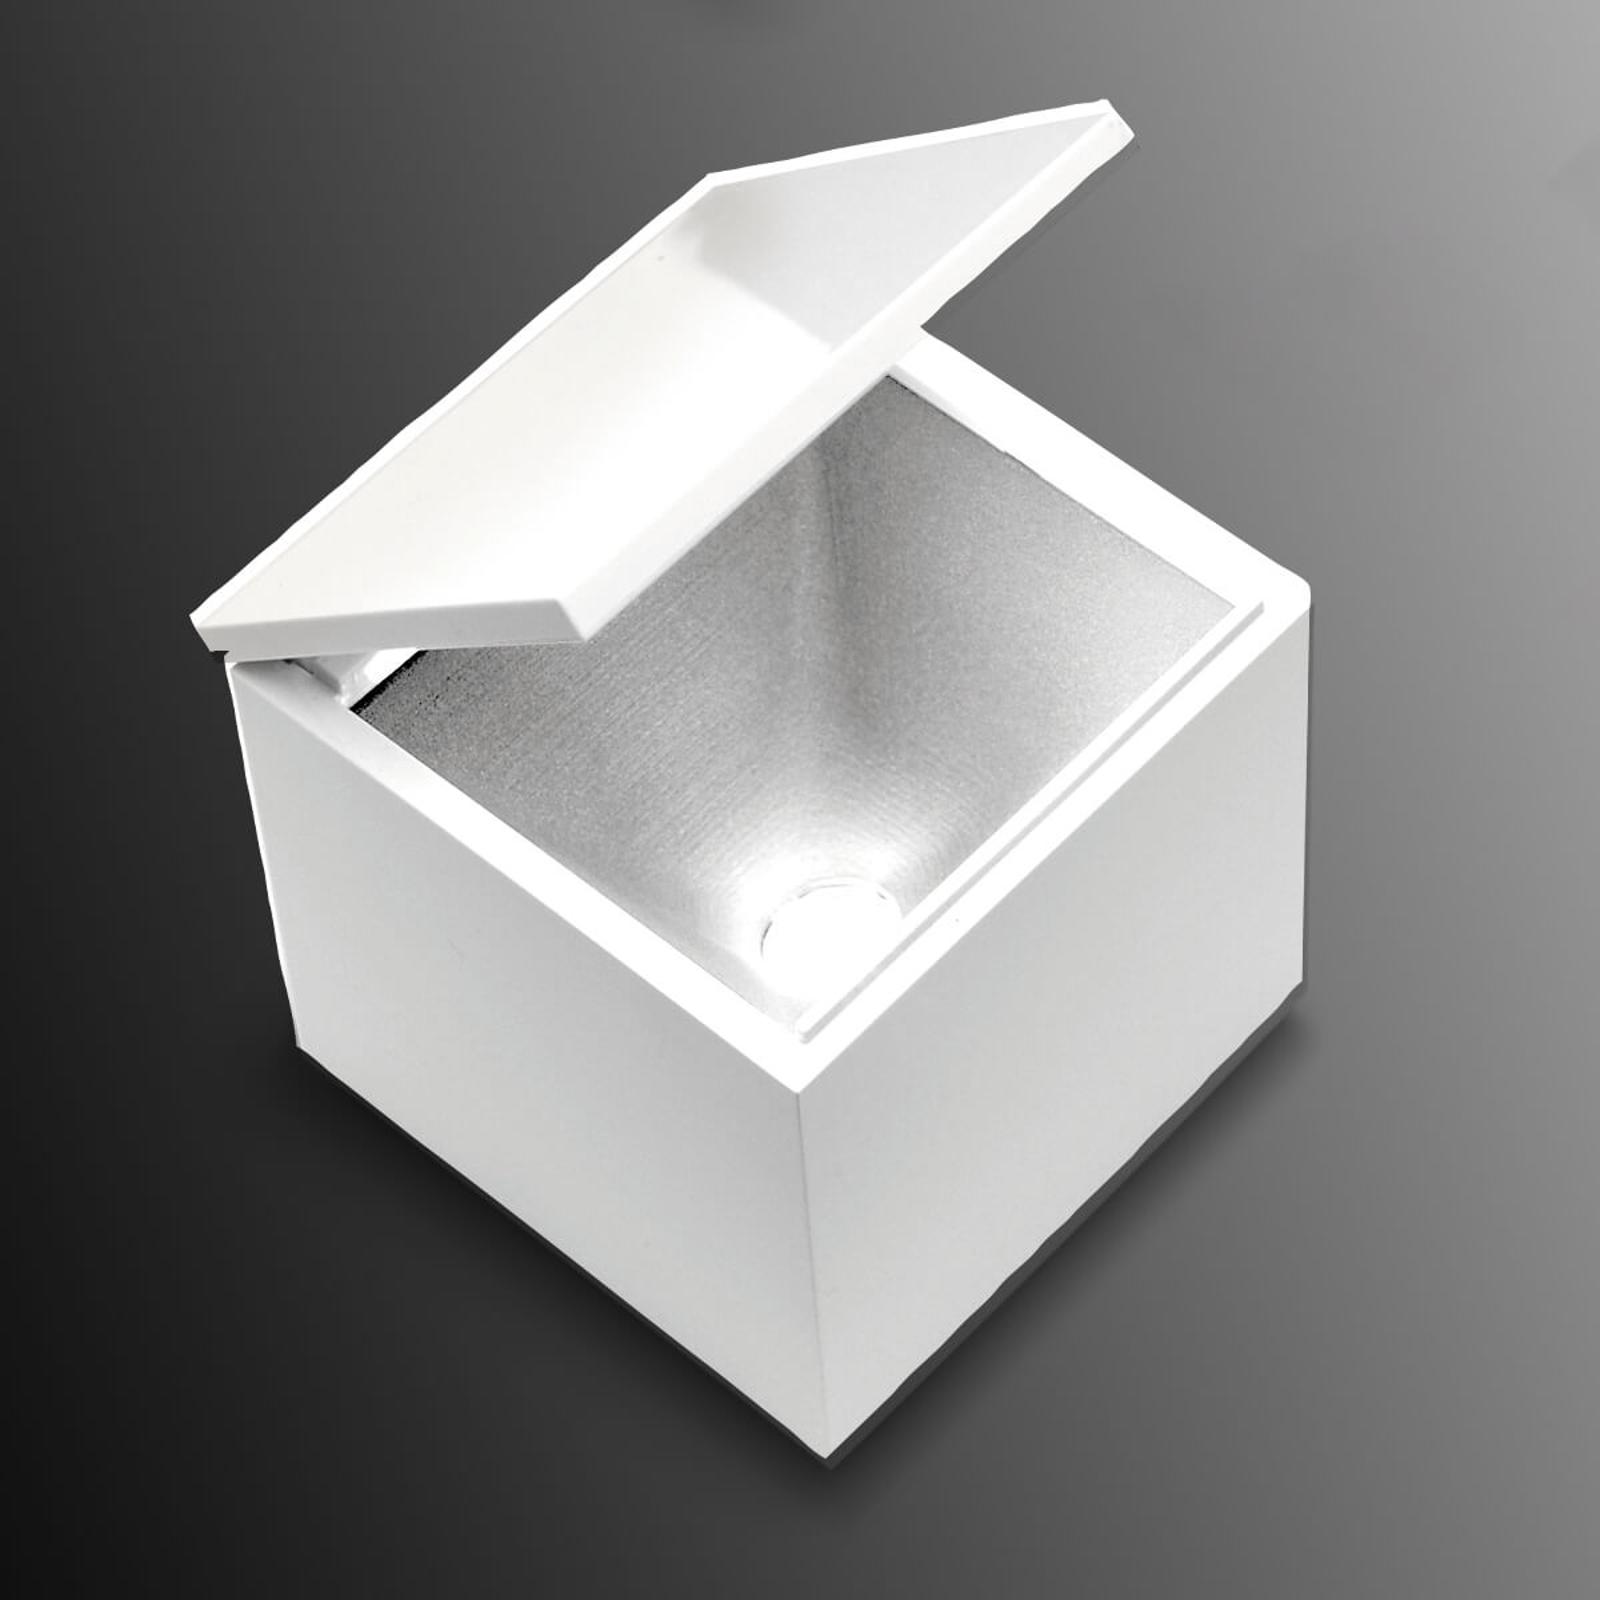 Lampa stołowa LED Cuboled, sześcian, biała